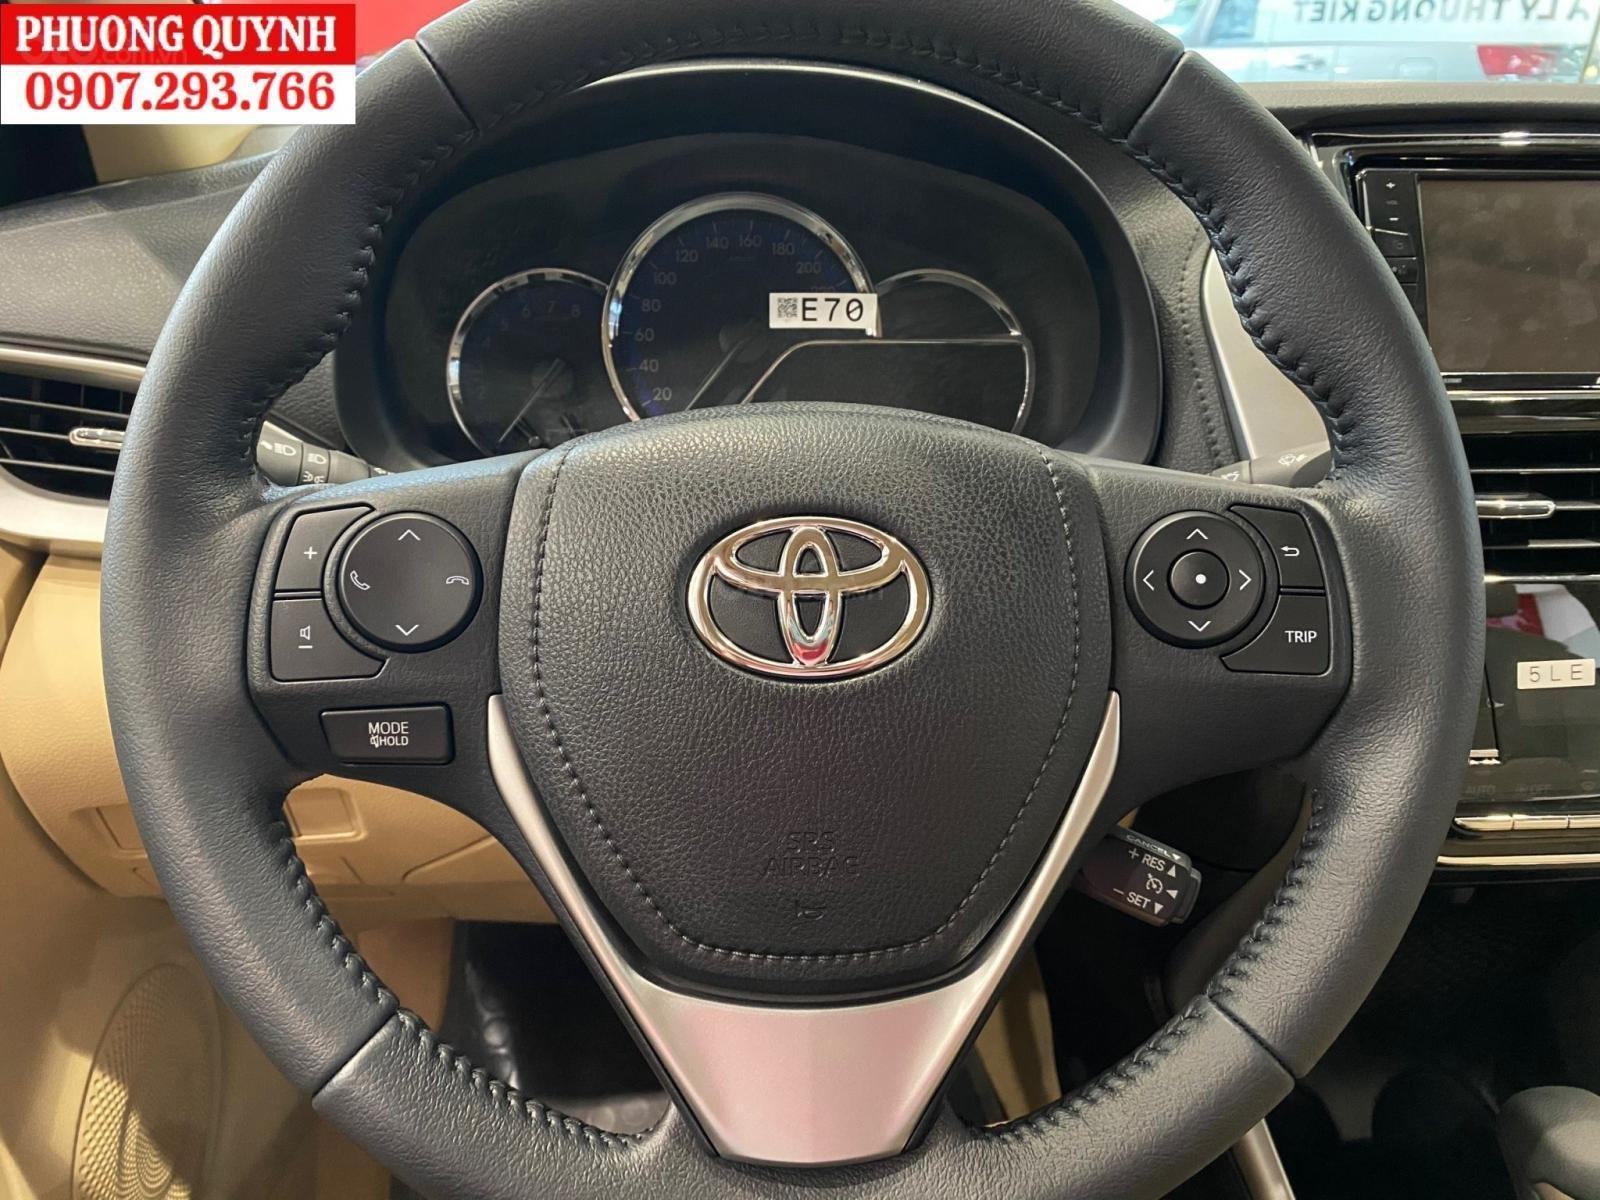 Toyota Vios 2020 giá tốt - khuyến mãi nhiều - giảm ngay 50% thuế trước bạ (4)